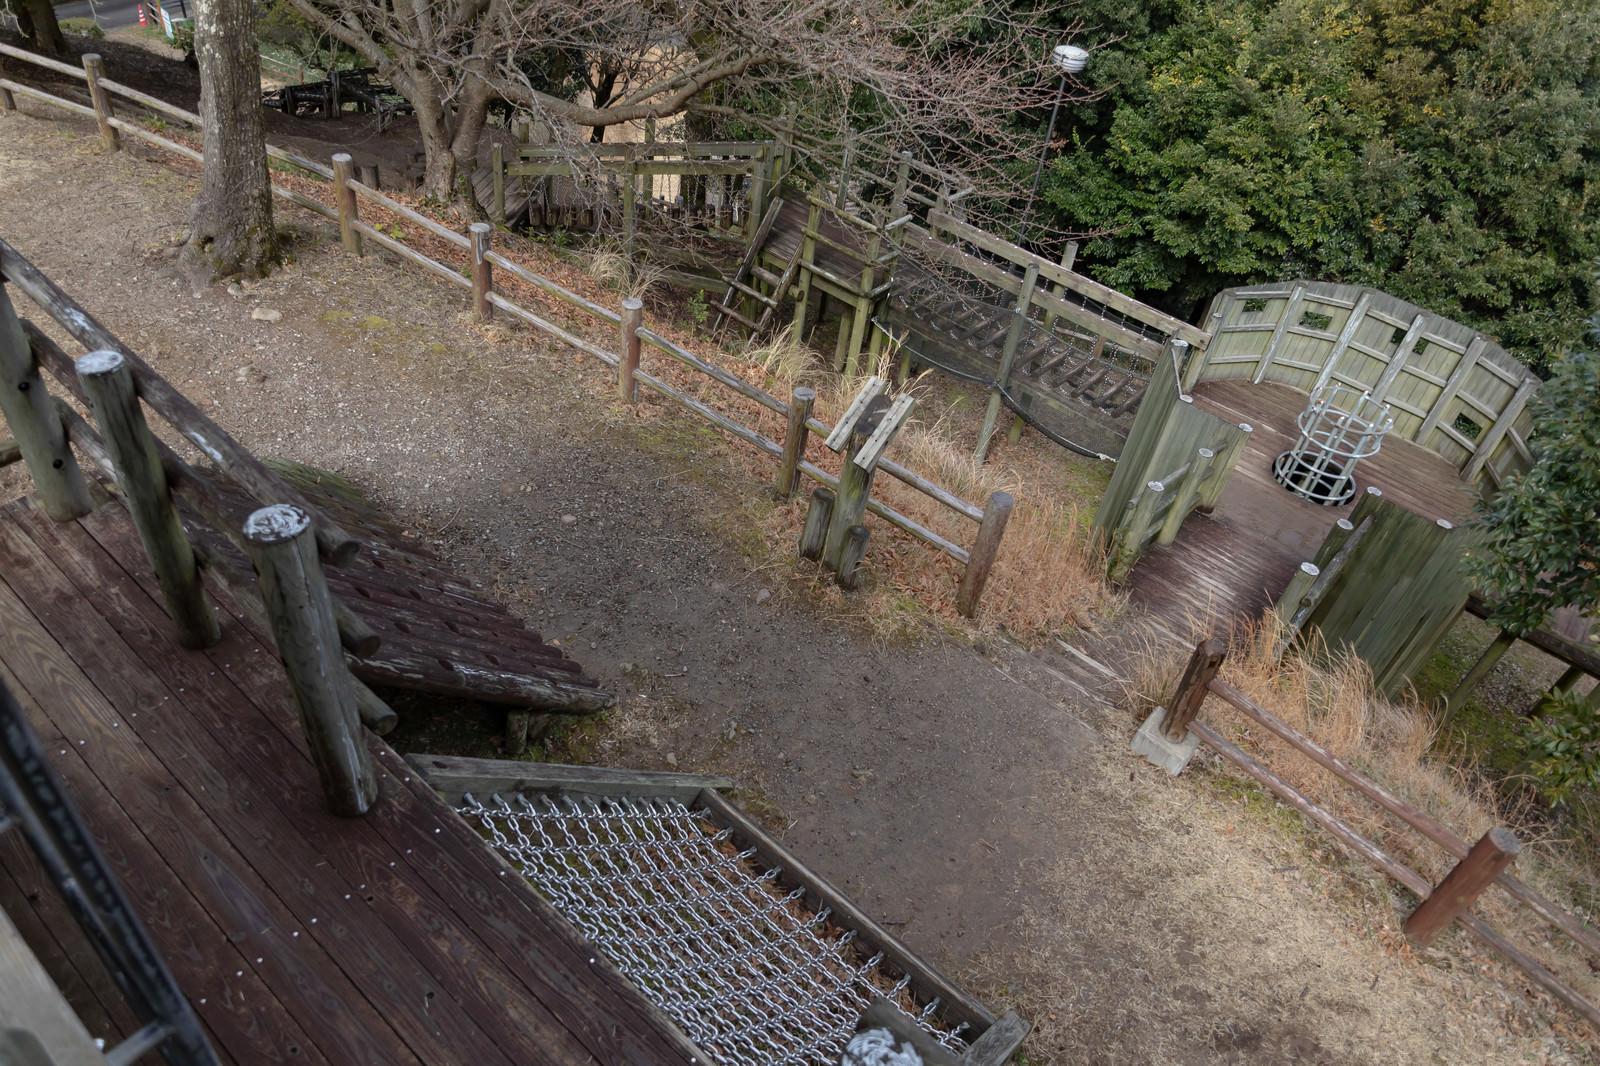 「本格的に造られた崎野自然公園のアスレチック場」の写真